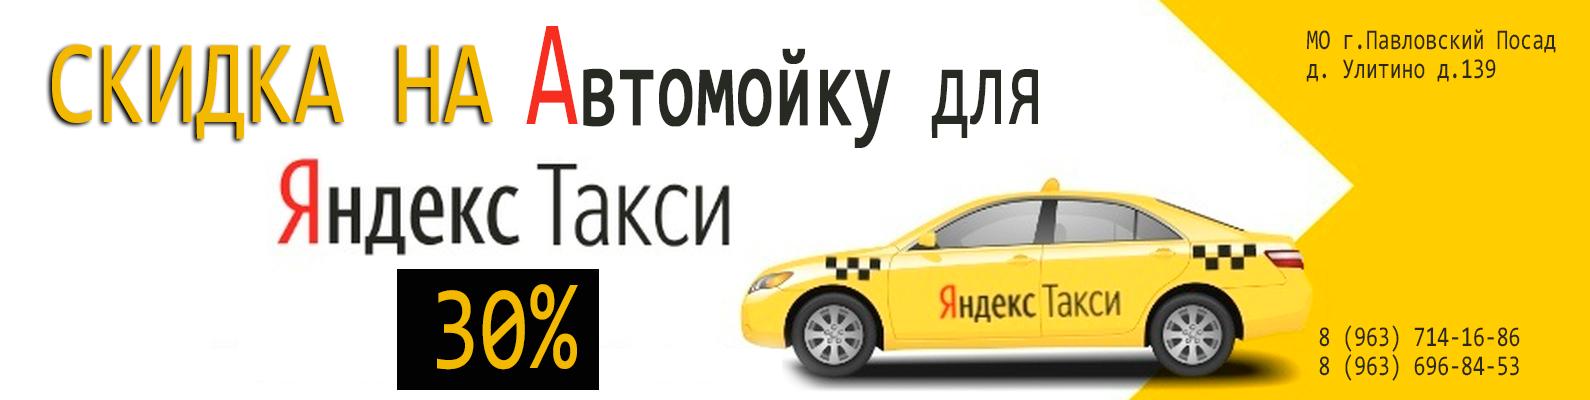 Скидка на автомойку для Яндекс такси 30% г. Павловский Посад д. Улитино 139